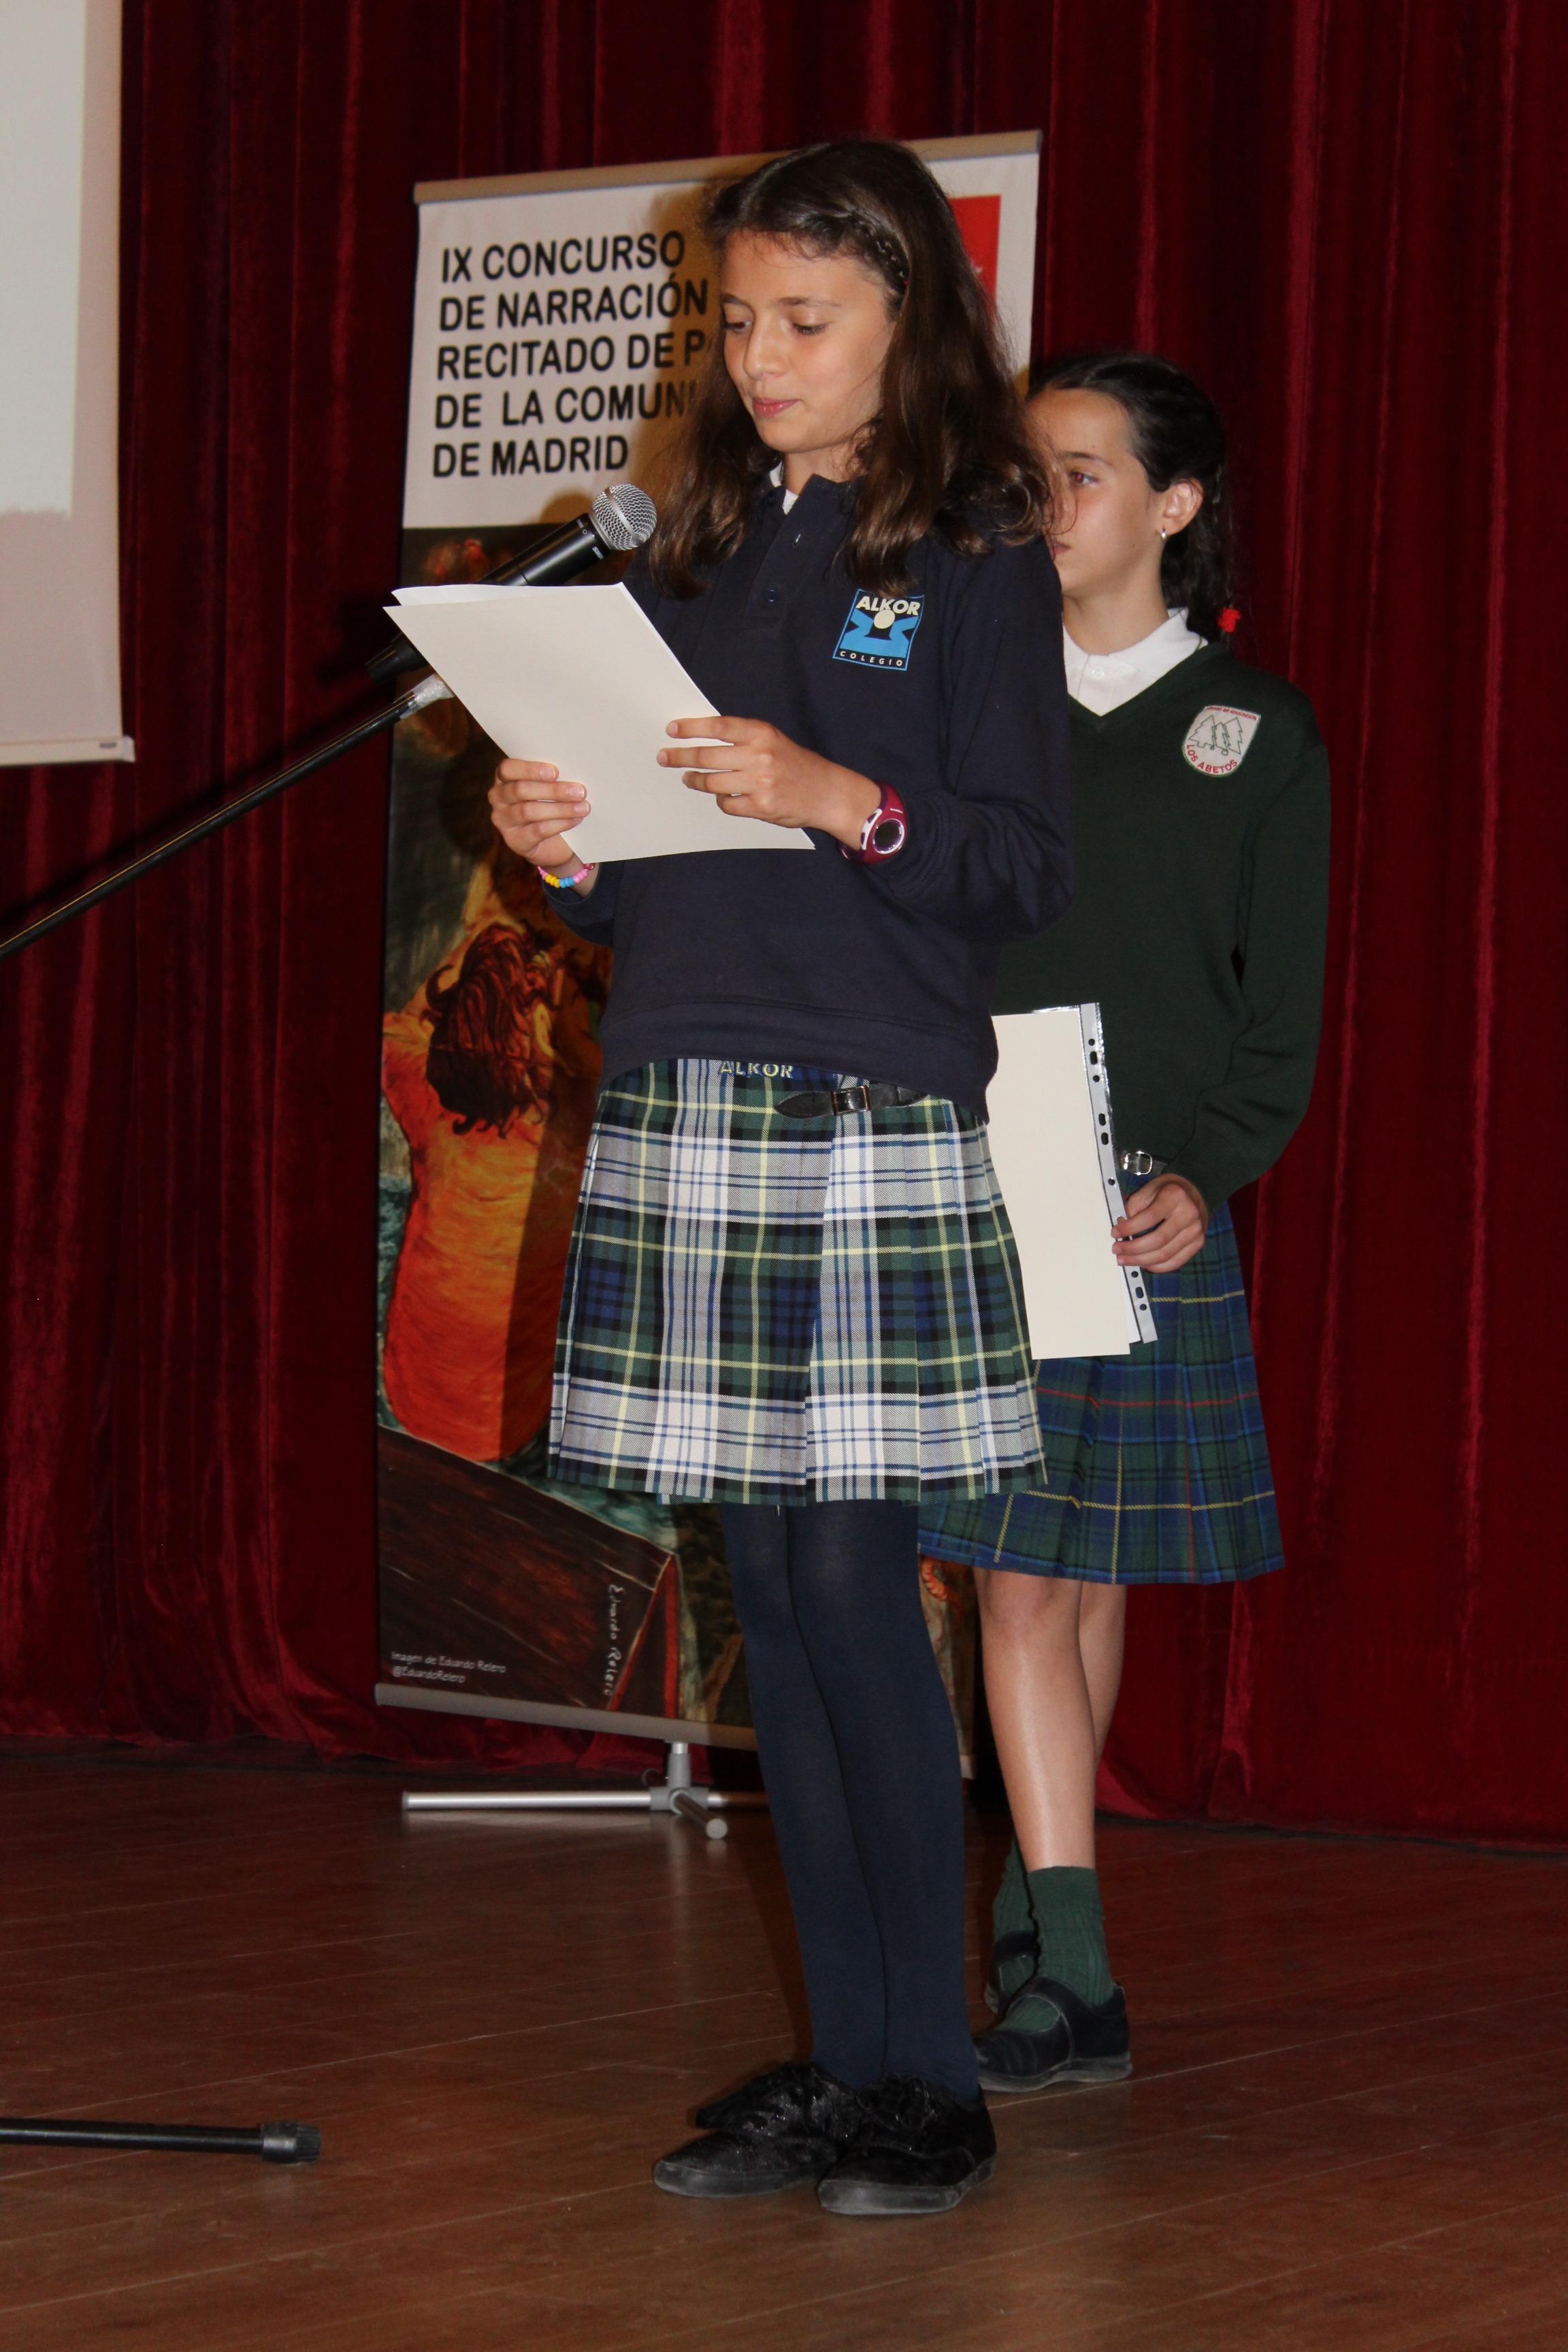 Entrega de los premios del IX Concurso de Narración y Recitado de Poesía 21